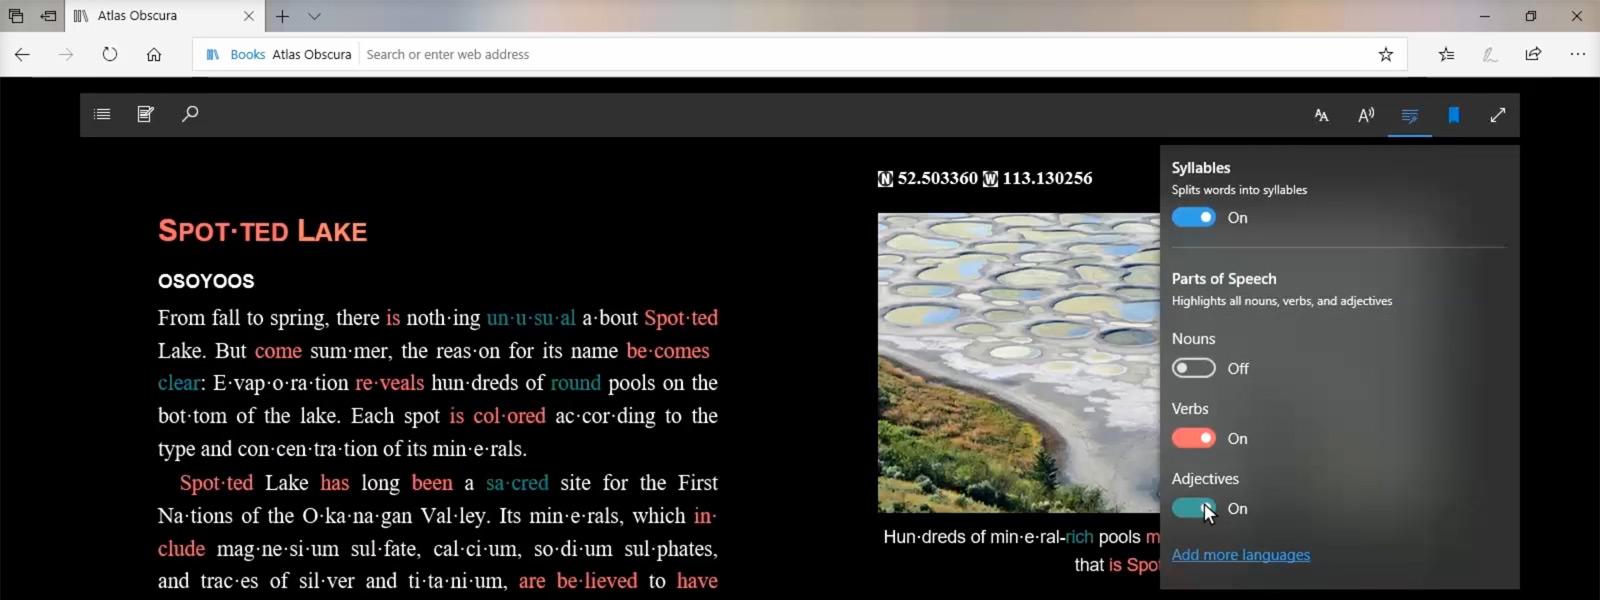 Snímka obrazovky s funkciou Výučbové nástroje, ktorá zvýrazňuje podstatné mená, slovesá a prídavné mená na danej webovej stránke